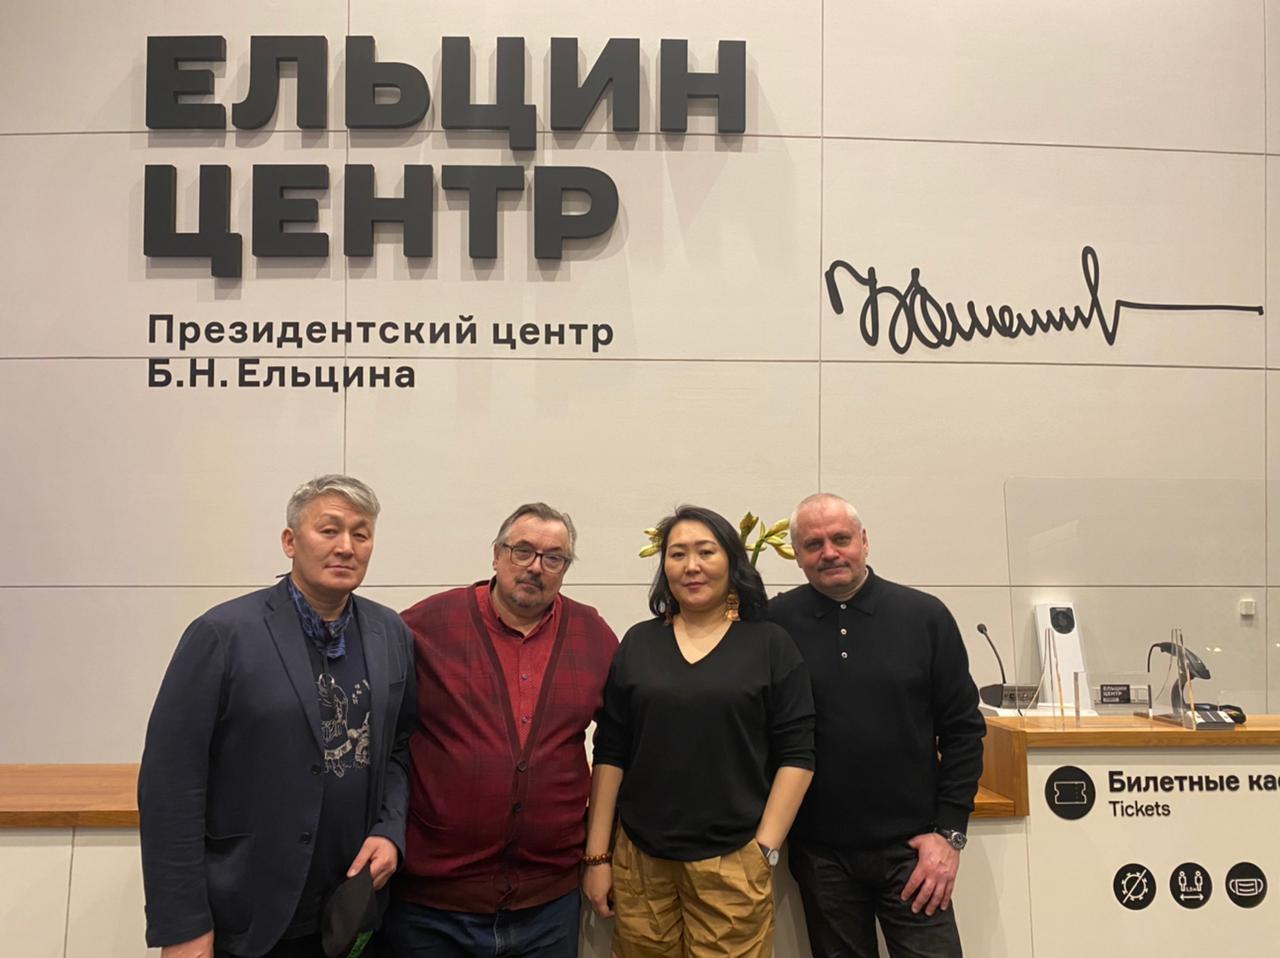 Сардана Саввина рассказала, как развивался якутский кинематограф зрителям Екатеринбурга